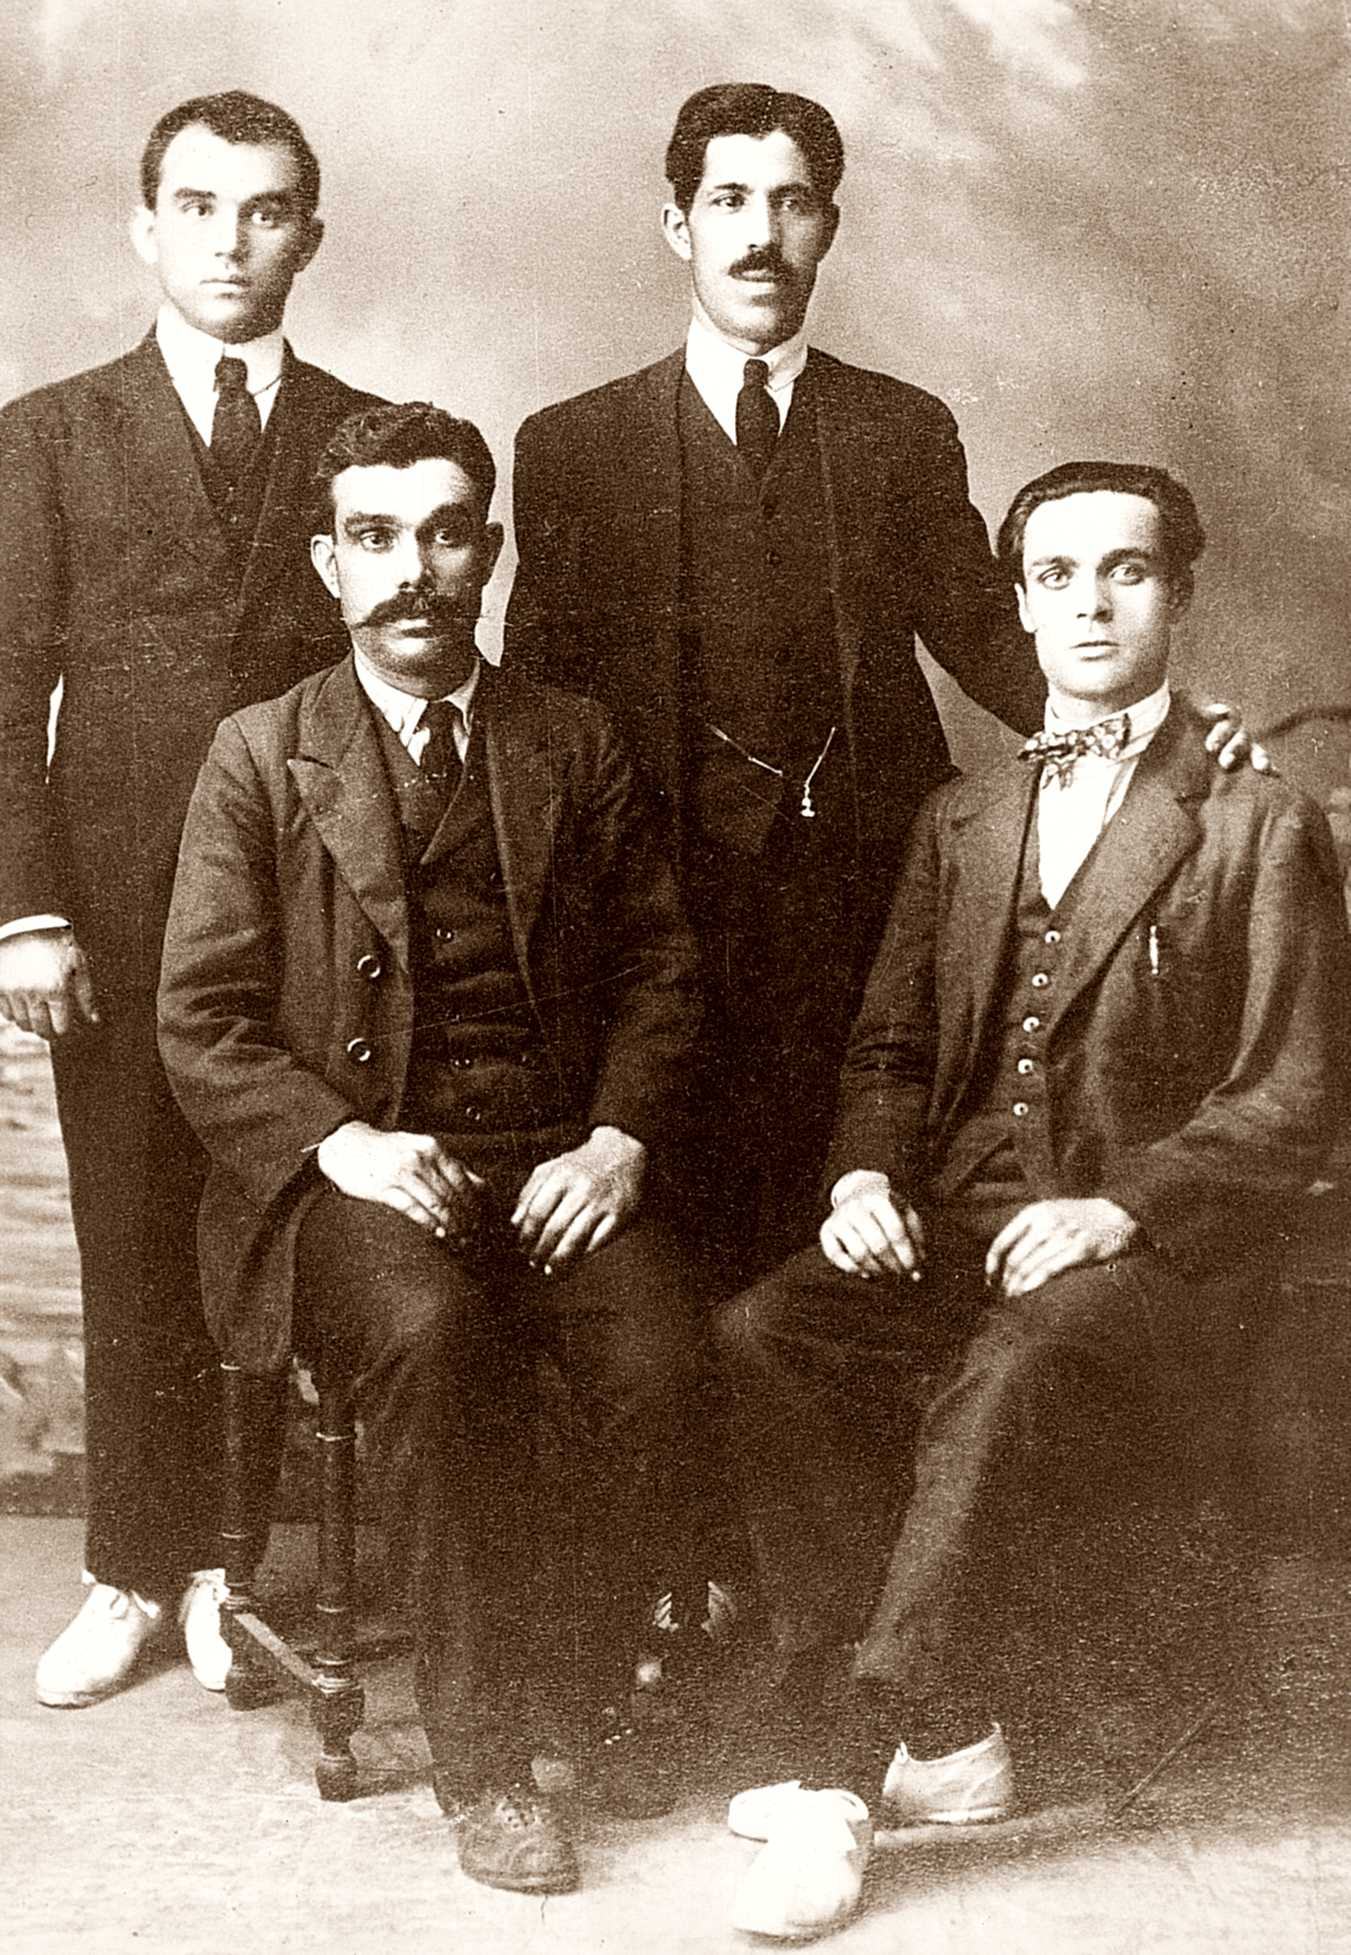 Dret a l'esquerra Ácrato Lluc; asseguts, a l'esquerra Manuel Joaquin de Sousa, i a la dreta Sebastià Clarà (Barcelona, 12 de novembre de 1930)